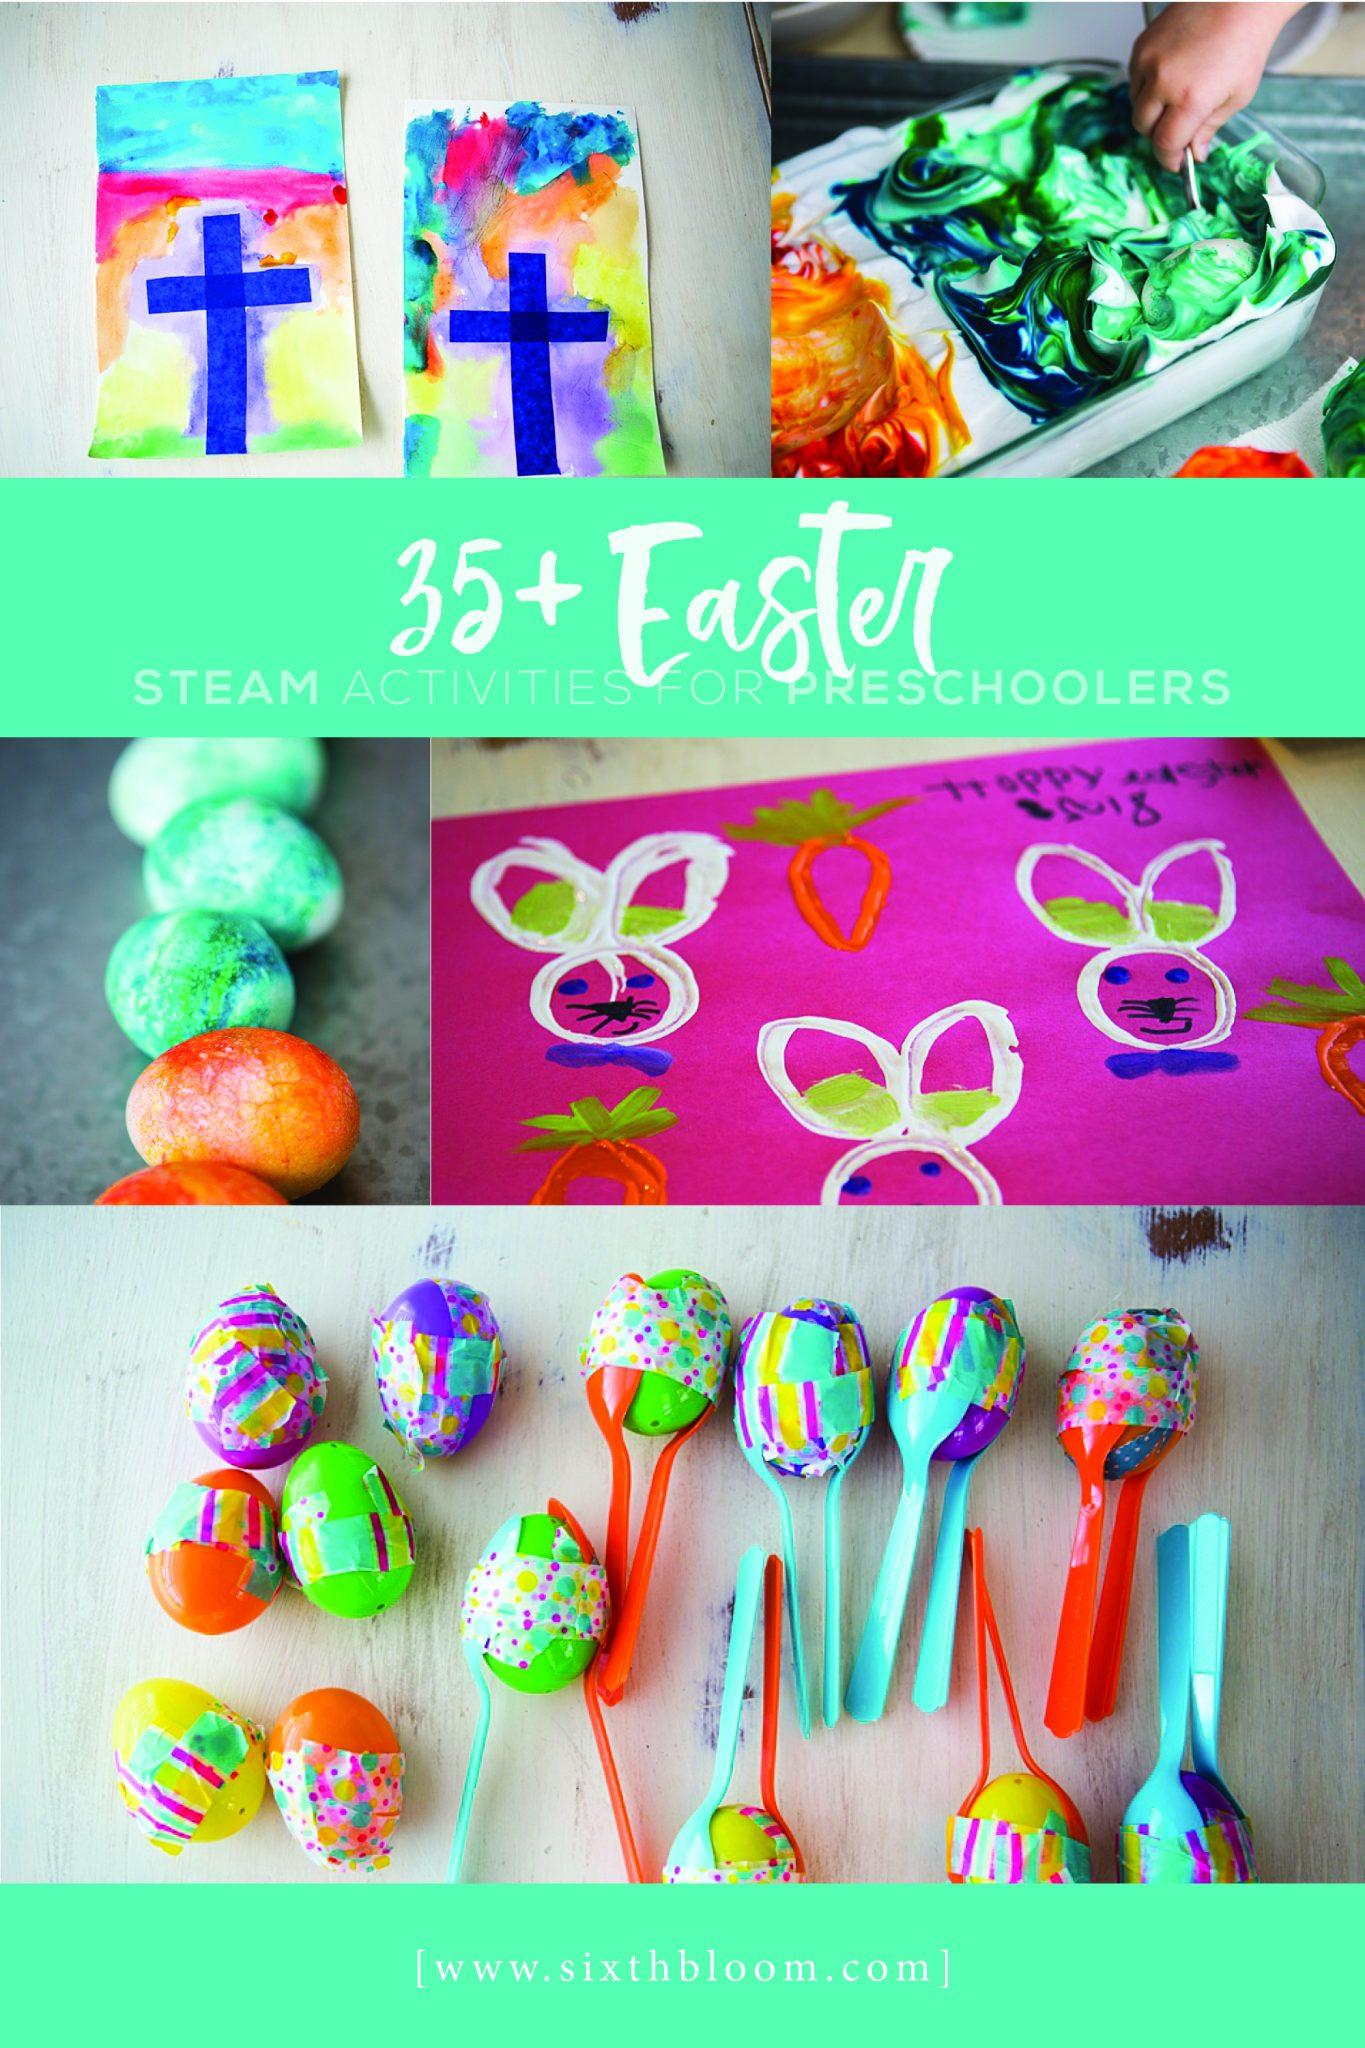 Easter STEAM activities for preschoolers